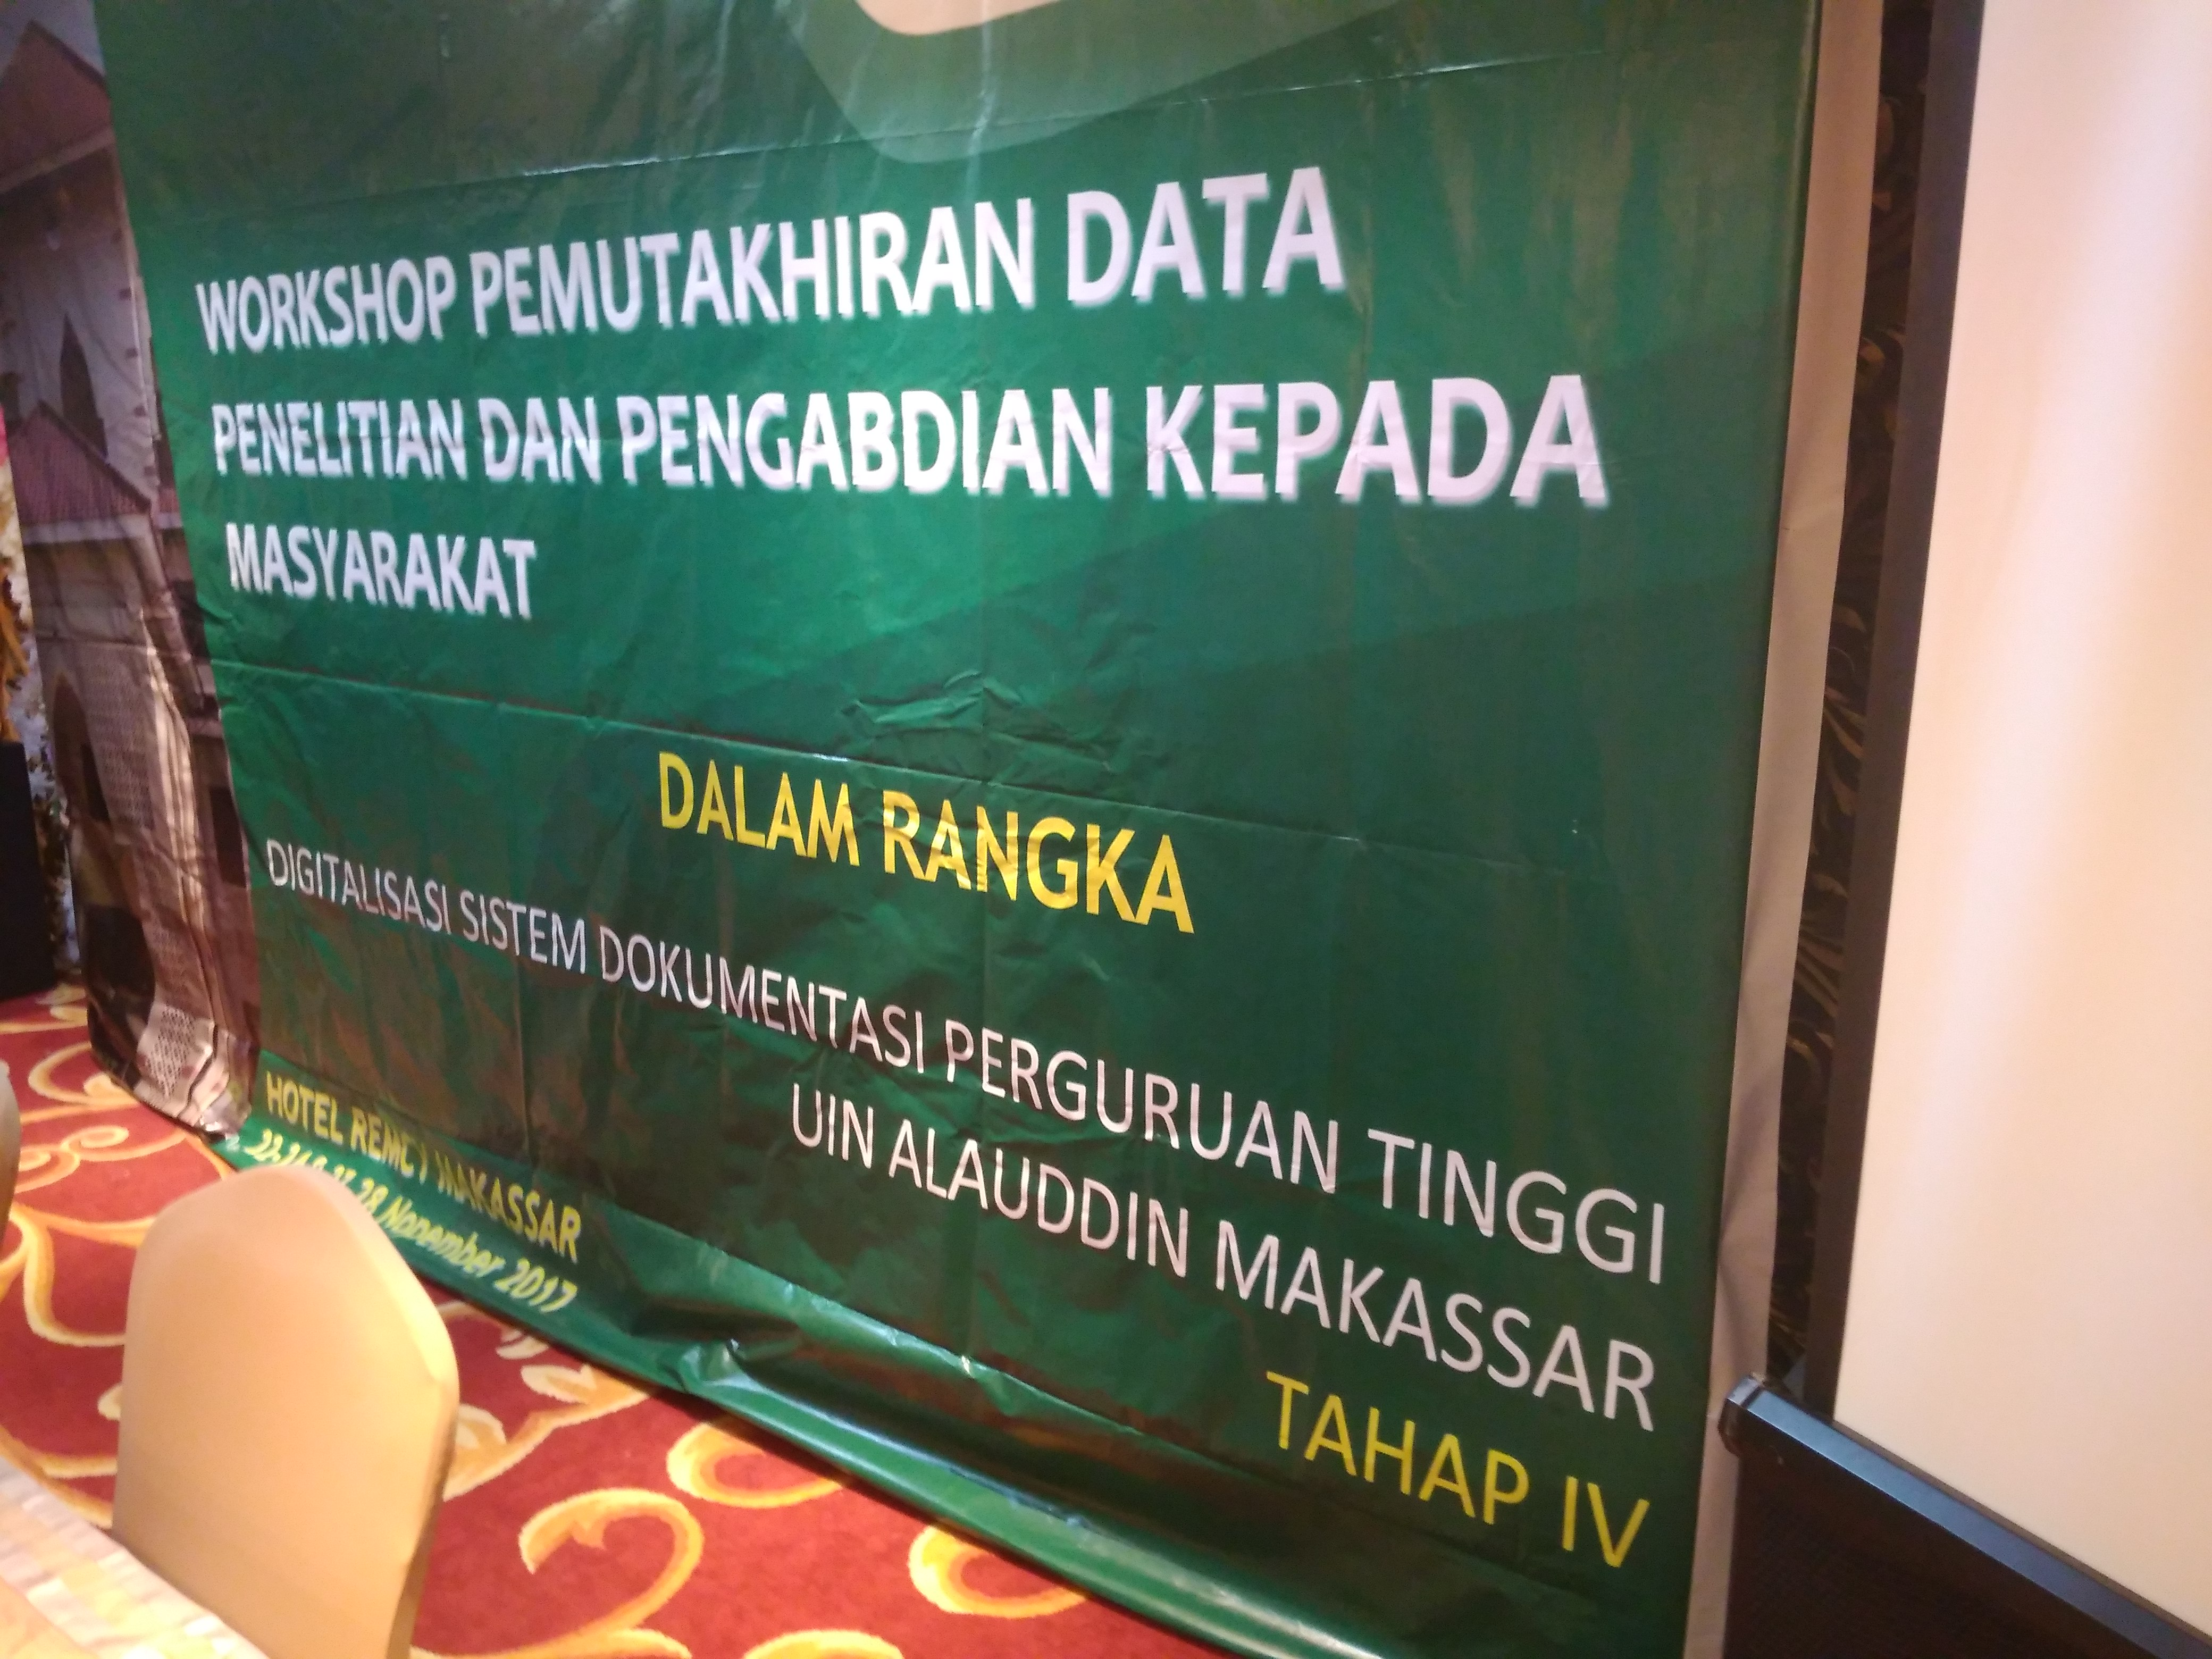 WORKSHOP PENGUATAN DATA PROGRAM DAN KEGIATAAN UNIT KERJA oleh LPM